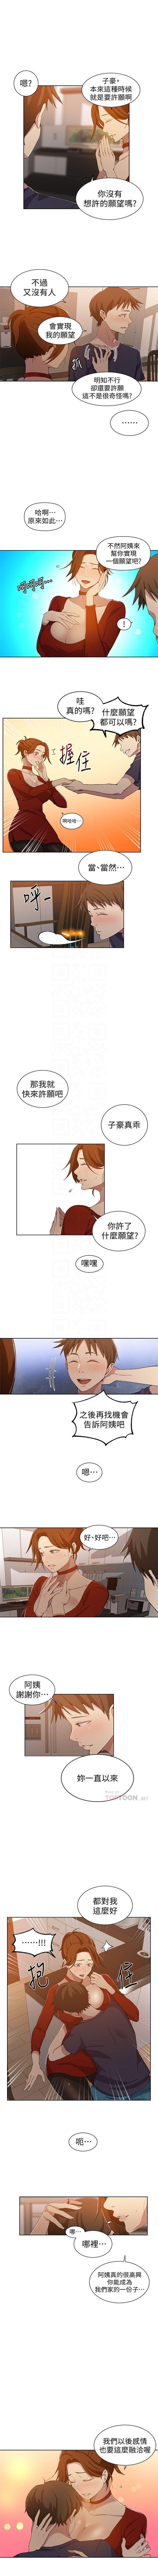 秘密教學  1-55 官方中文(連載中) 253